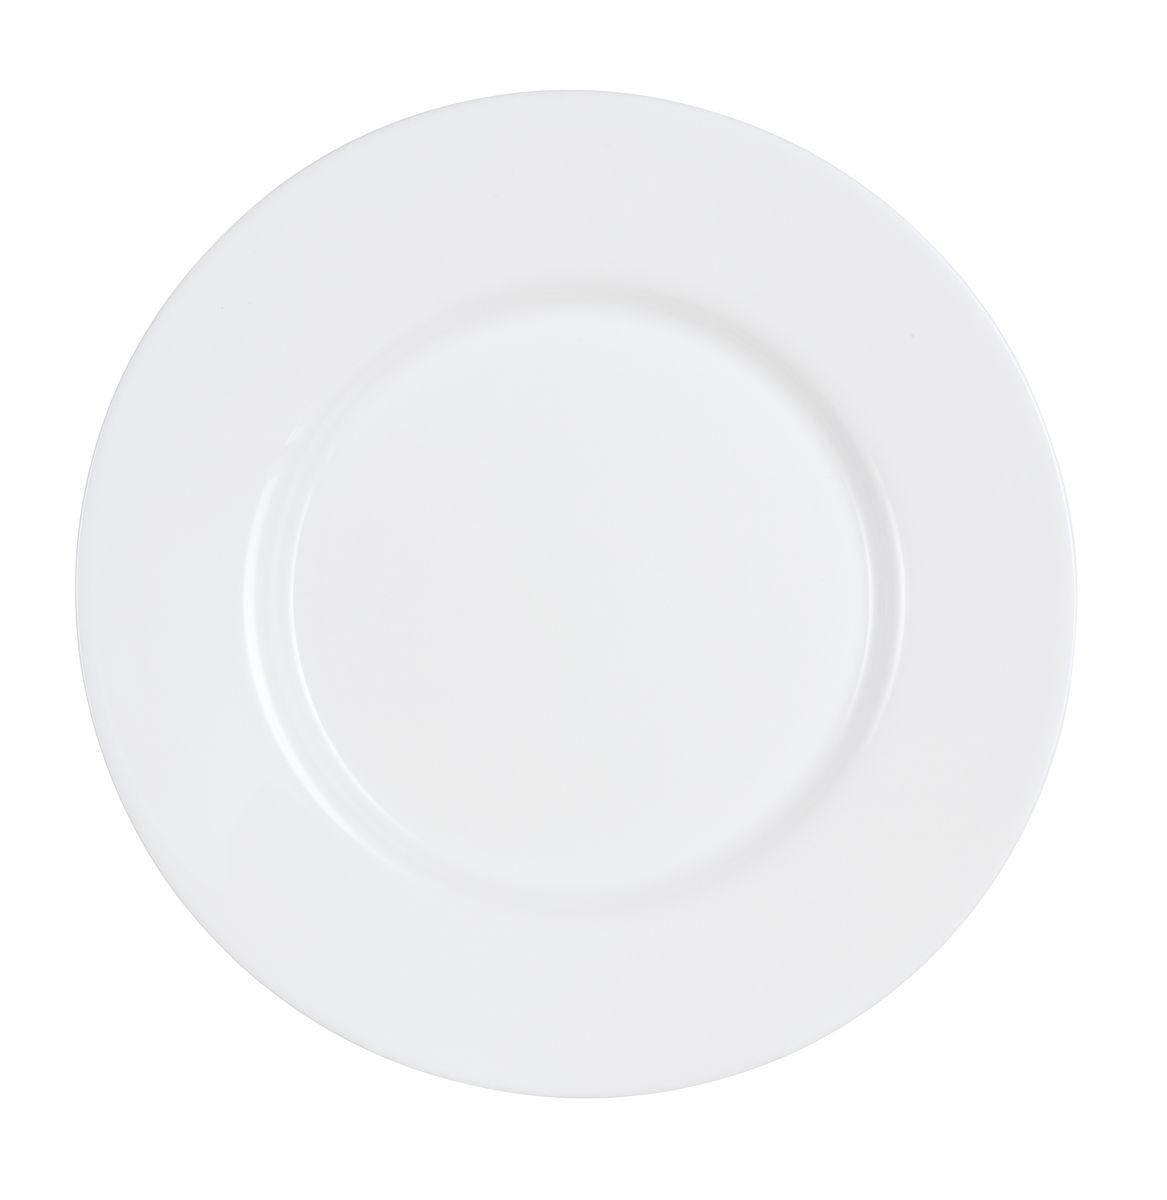 Тарелка обеденная Luminarc Everyday, диамтер 24 смG0564Обеденная тарелка Luminarc Everyday, изготовленная из высококачественного стекла, имеет изысканный внешний вид. Классический дизайн придется по вкусу и ценителям классики, и тем, кто предпочитает утонченность. Тарелка Luminarc Everyday идеально подойдет для сервировки стола и станет отличным подарком к любому празднику. Пригодна для использования в посудомоечной машине и микроволновой печи. Диаметр (по верхнему краю): 24 см.